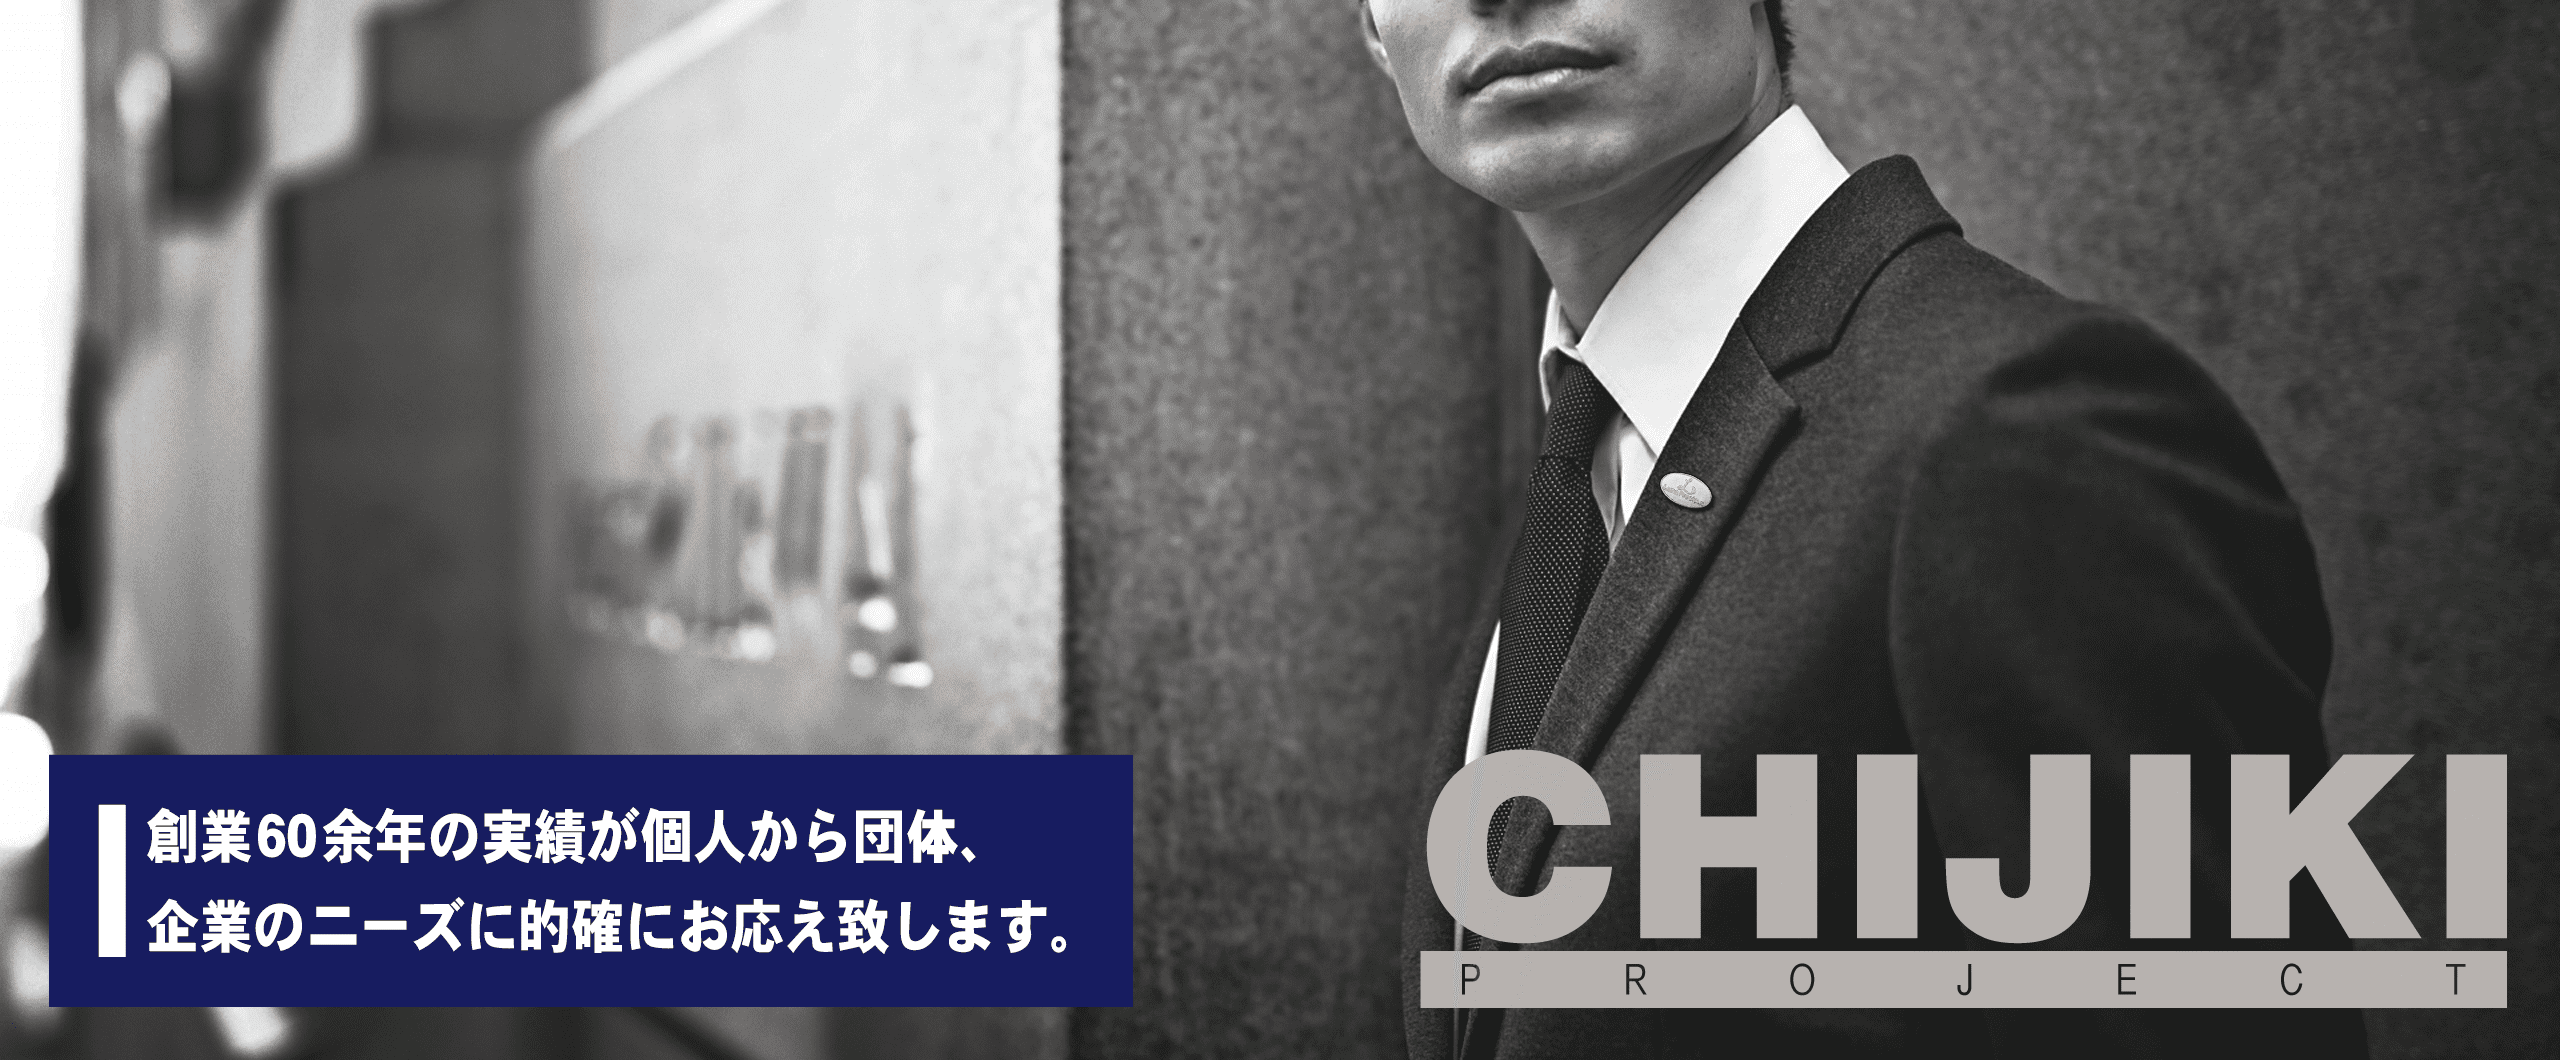 株式会社チヂキ